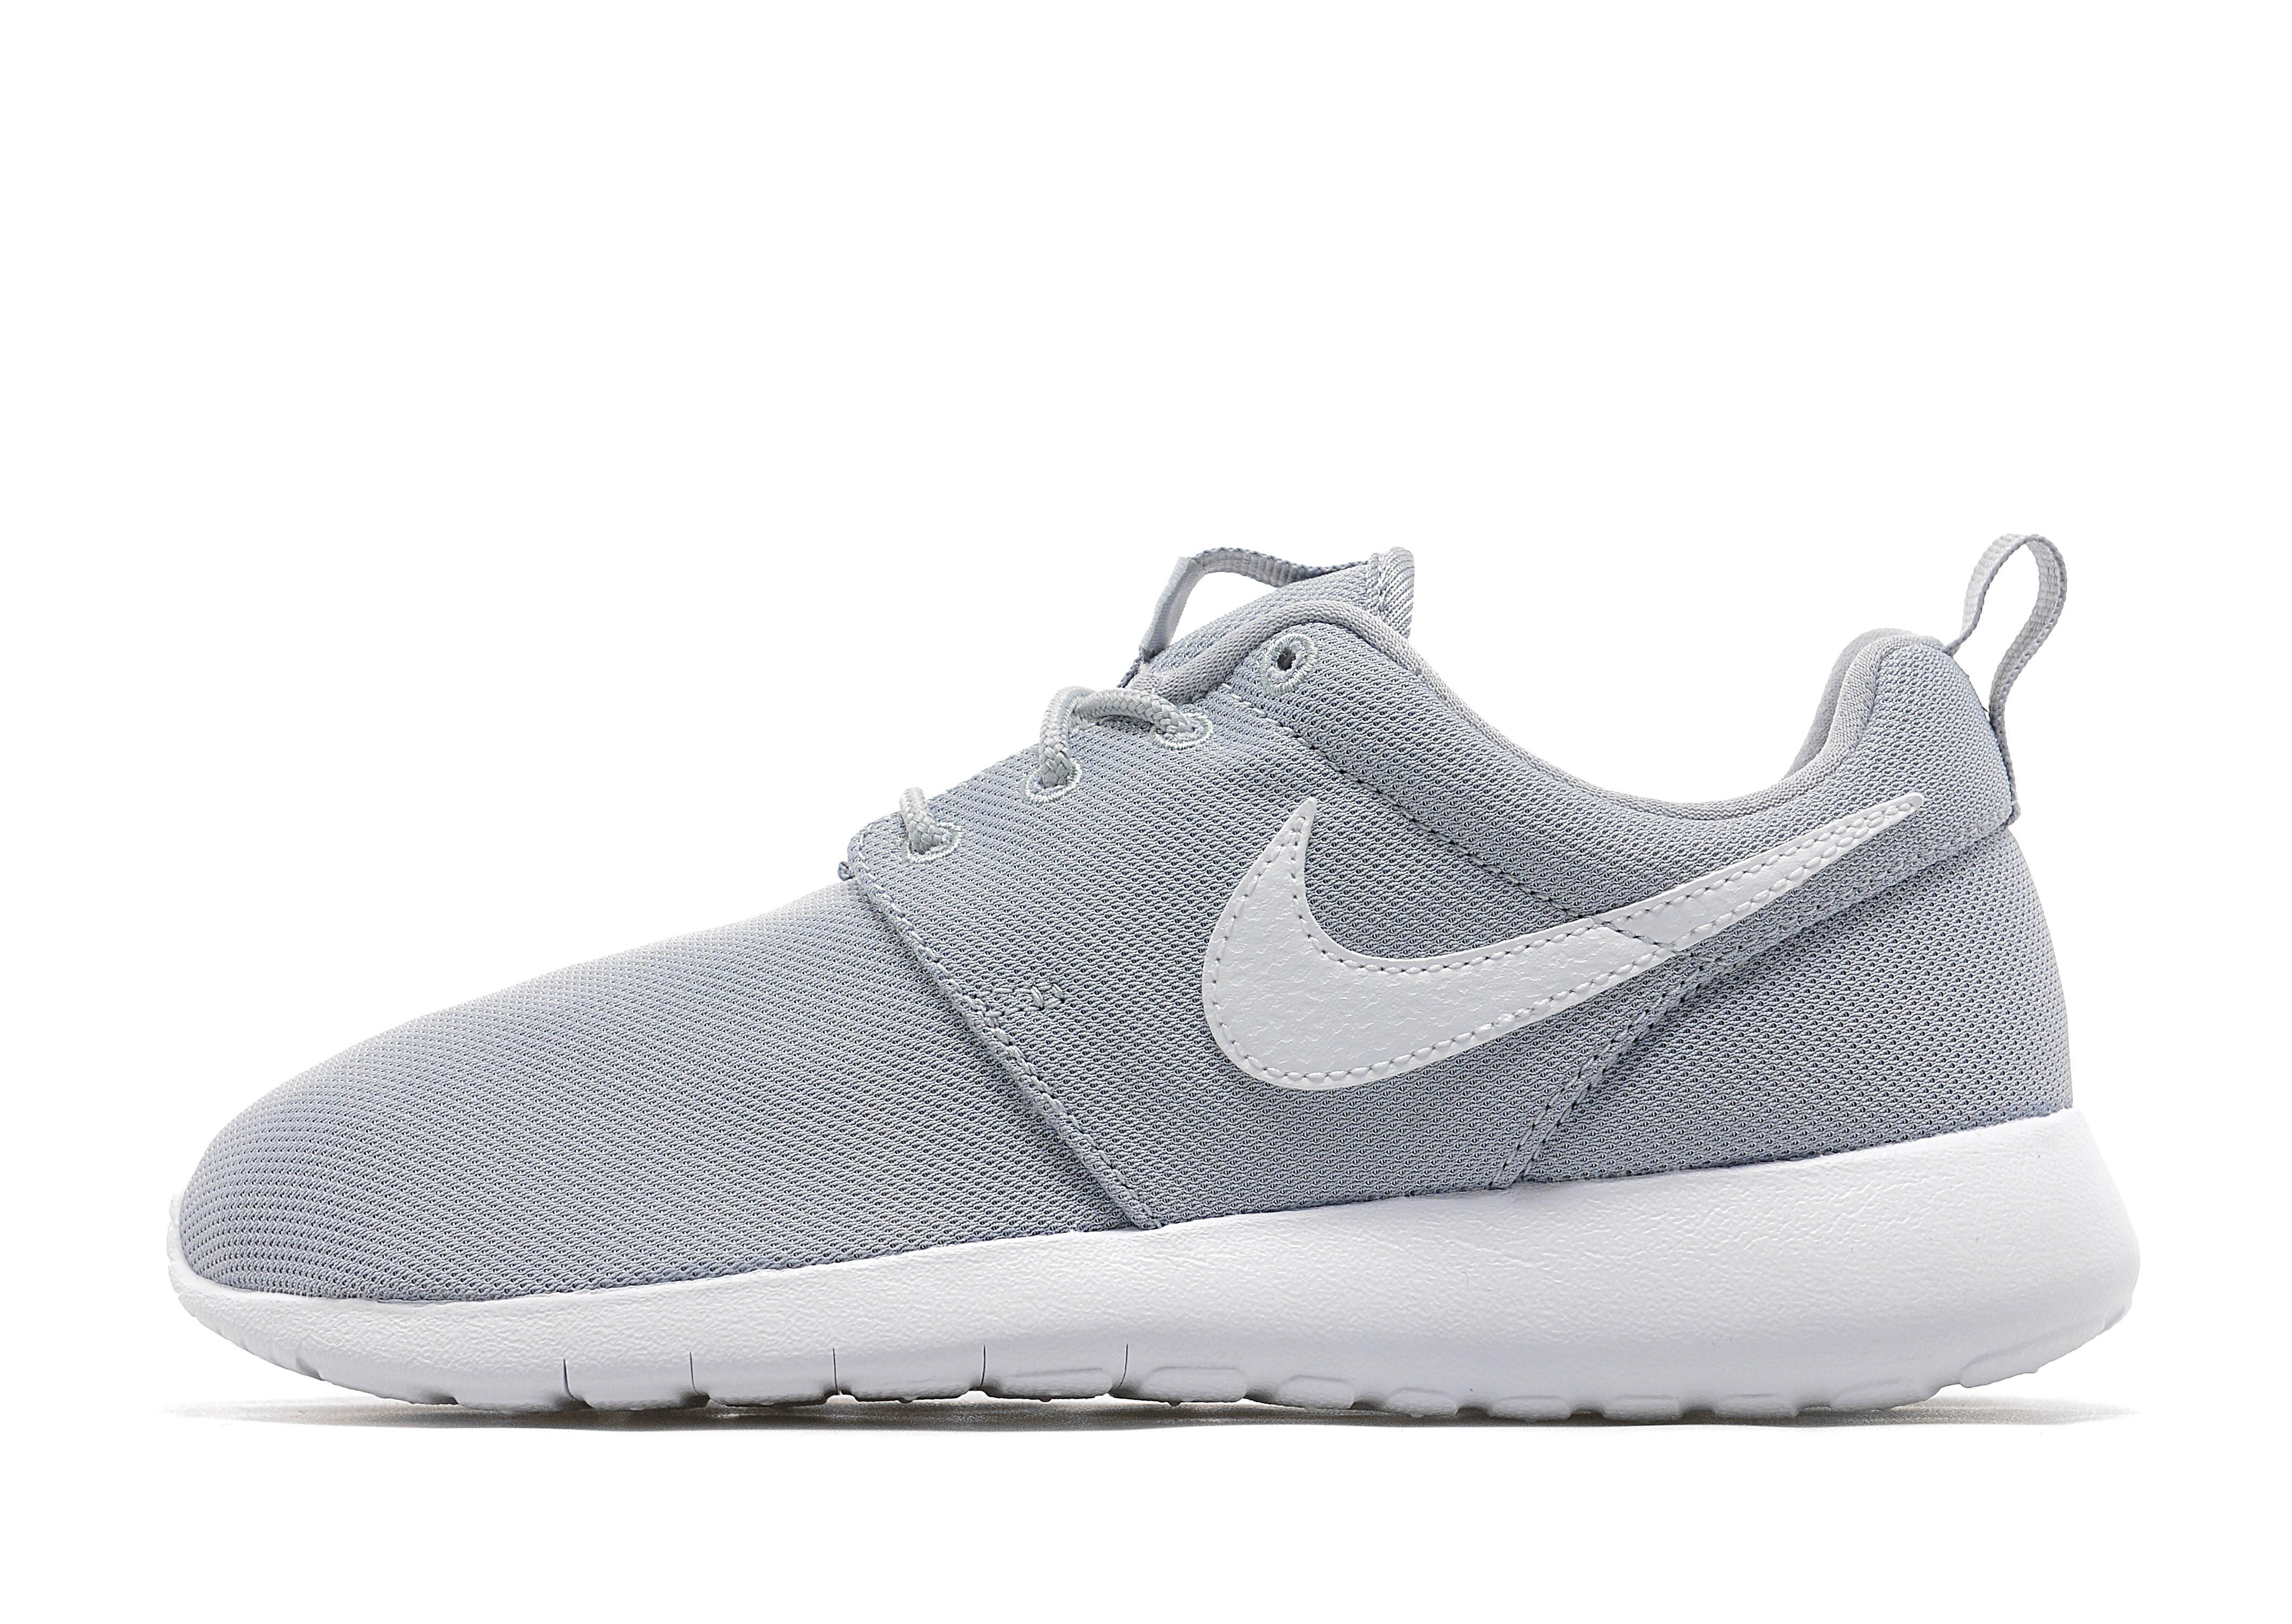 the latest 822ec d5fac Nike Roshe One Junior – Grey White – Kids